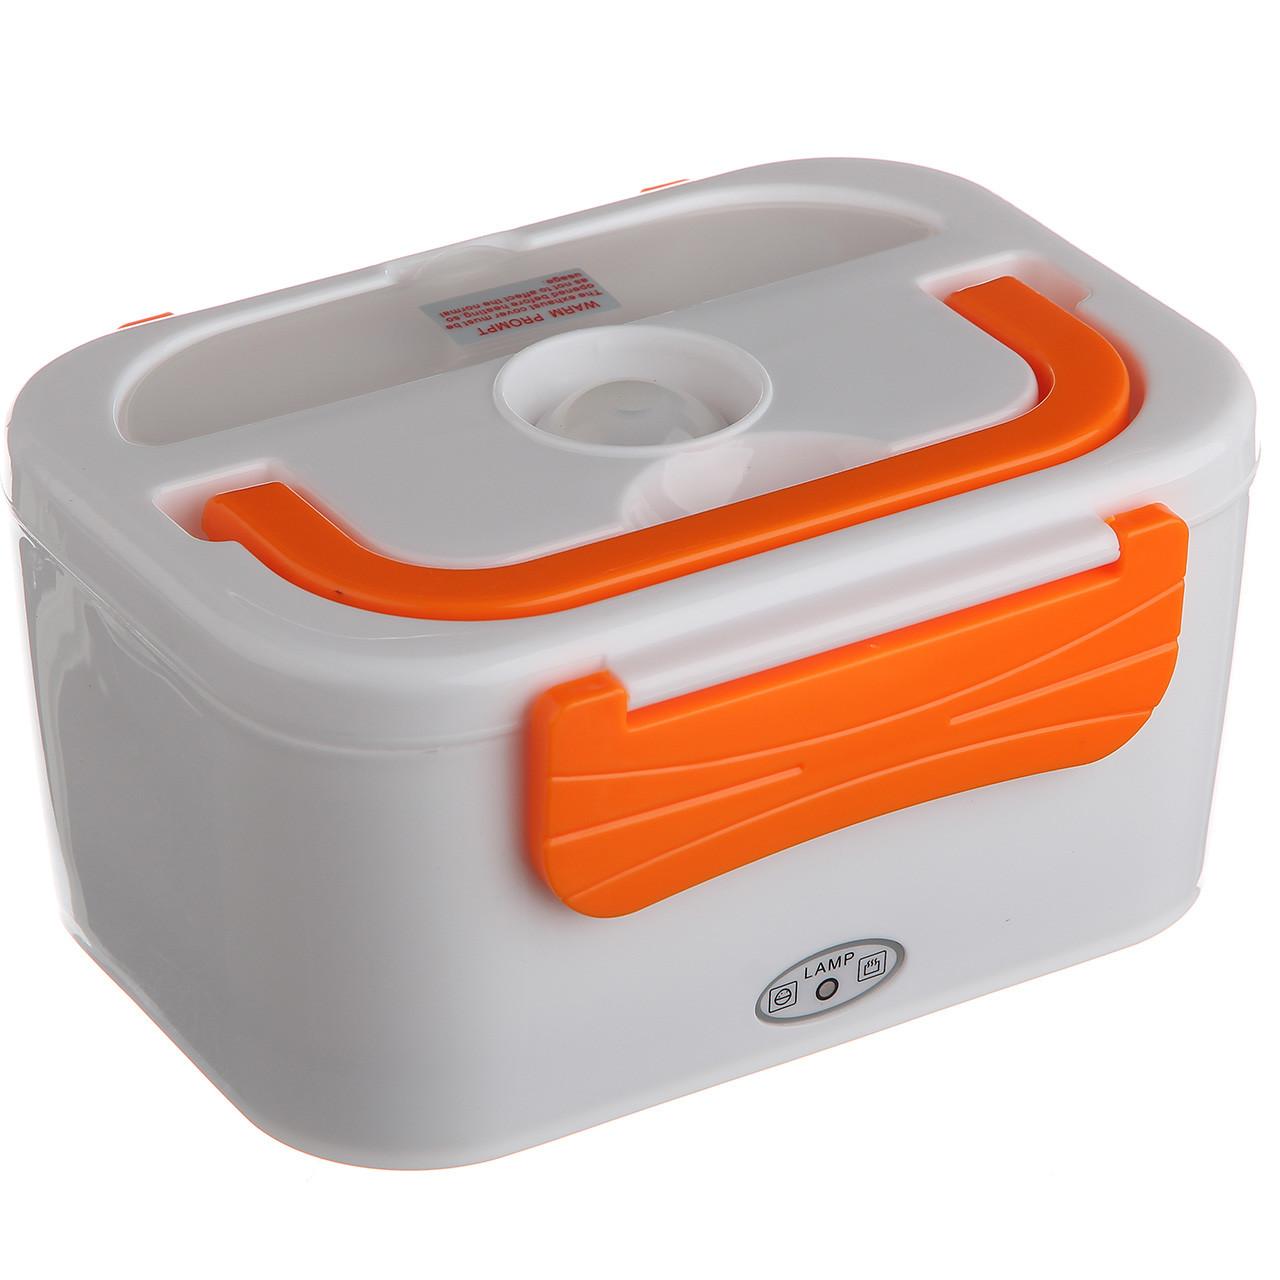 Автомобильный ланч бокс с подогревом Lanch Box Оранжевый